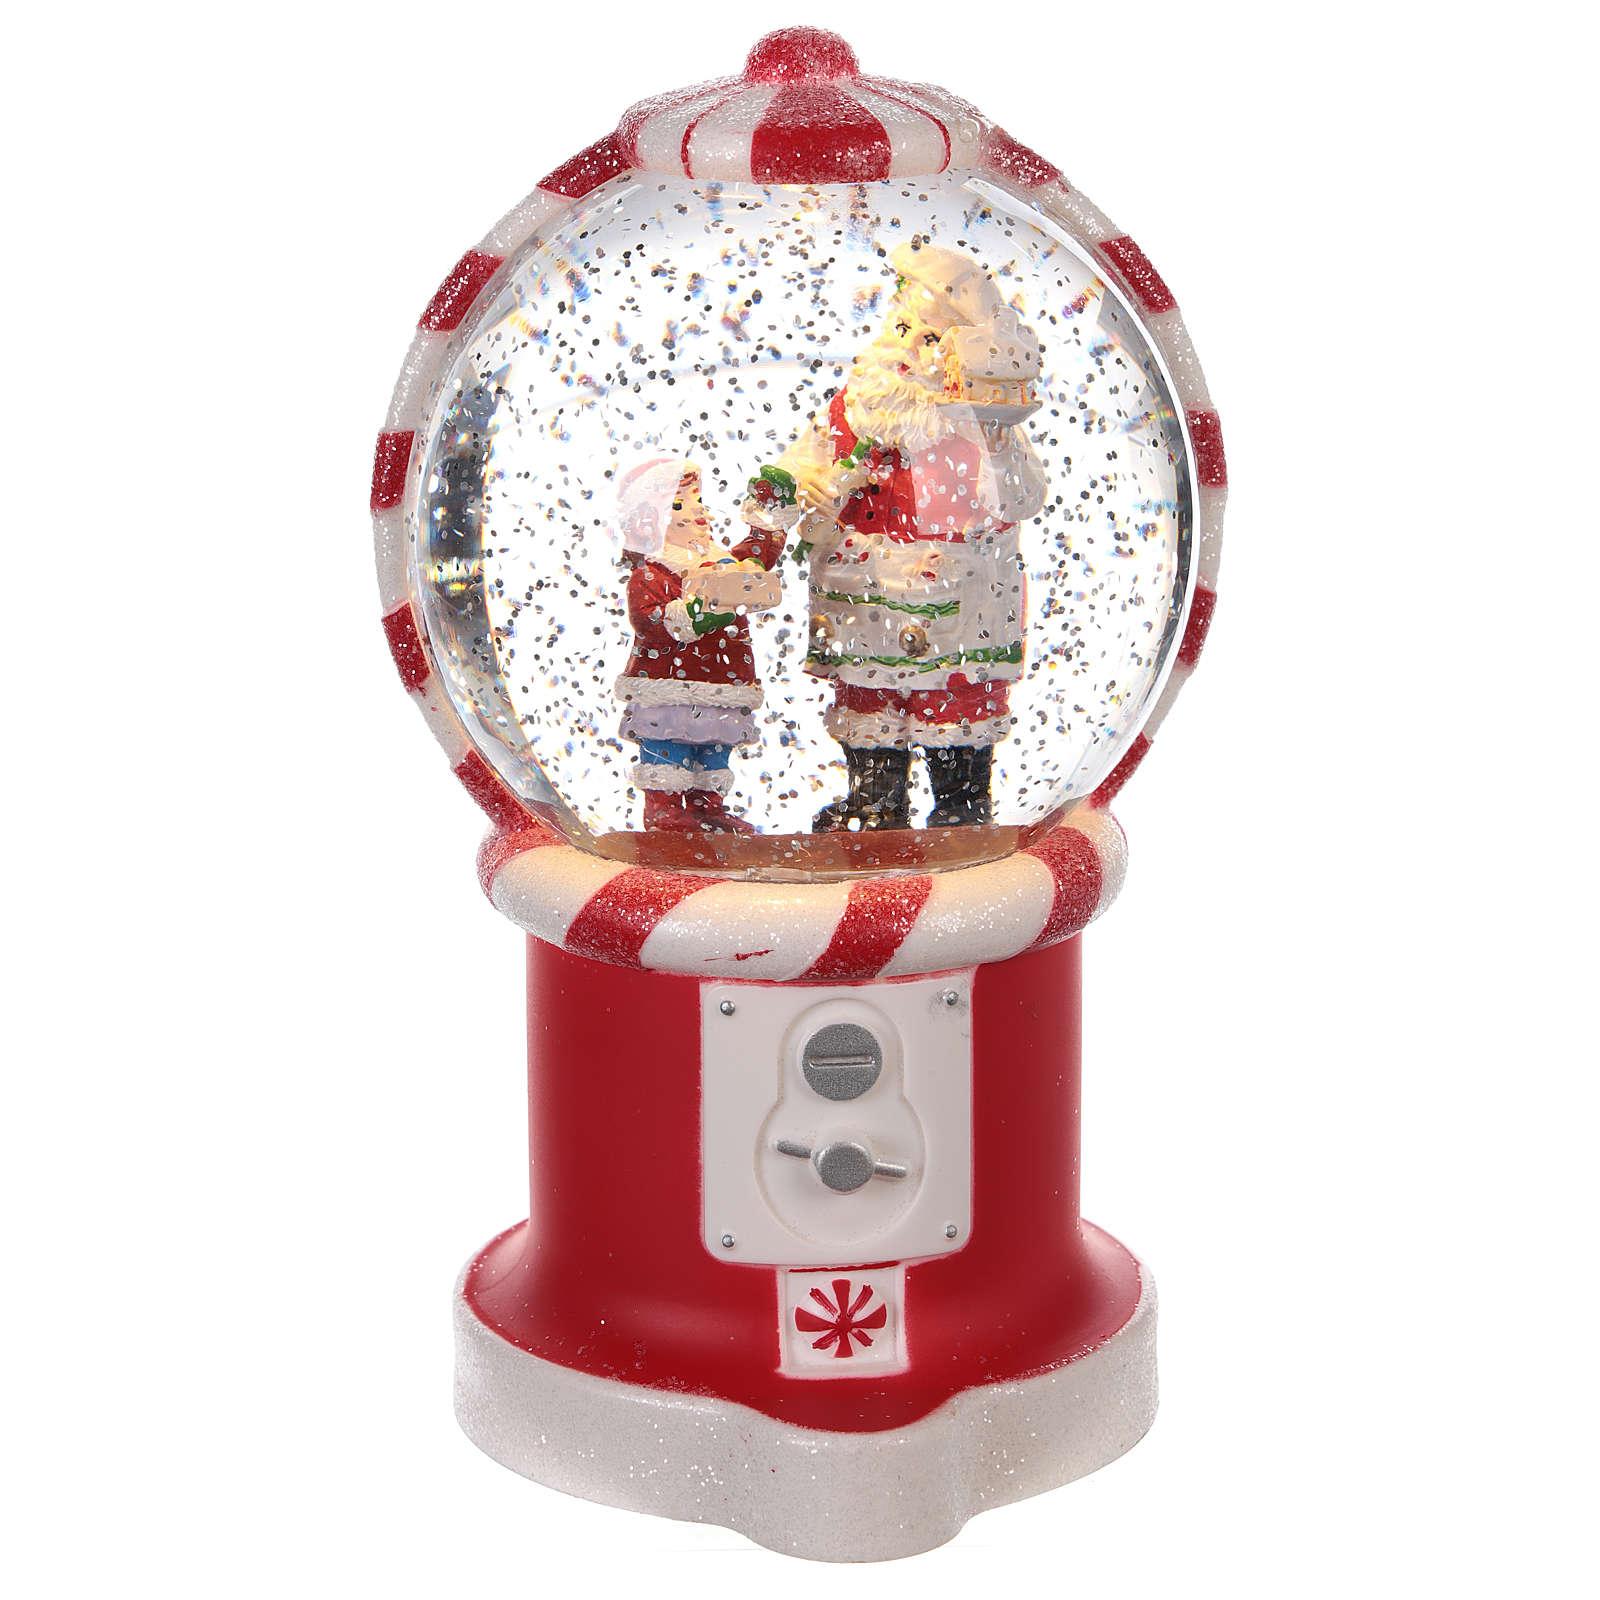 Globo de neve máquina de doces com Pai Natal 20x10 cm 3